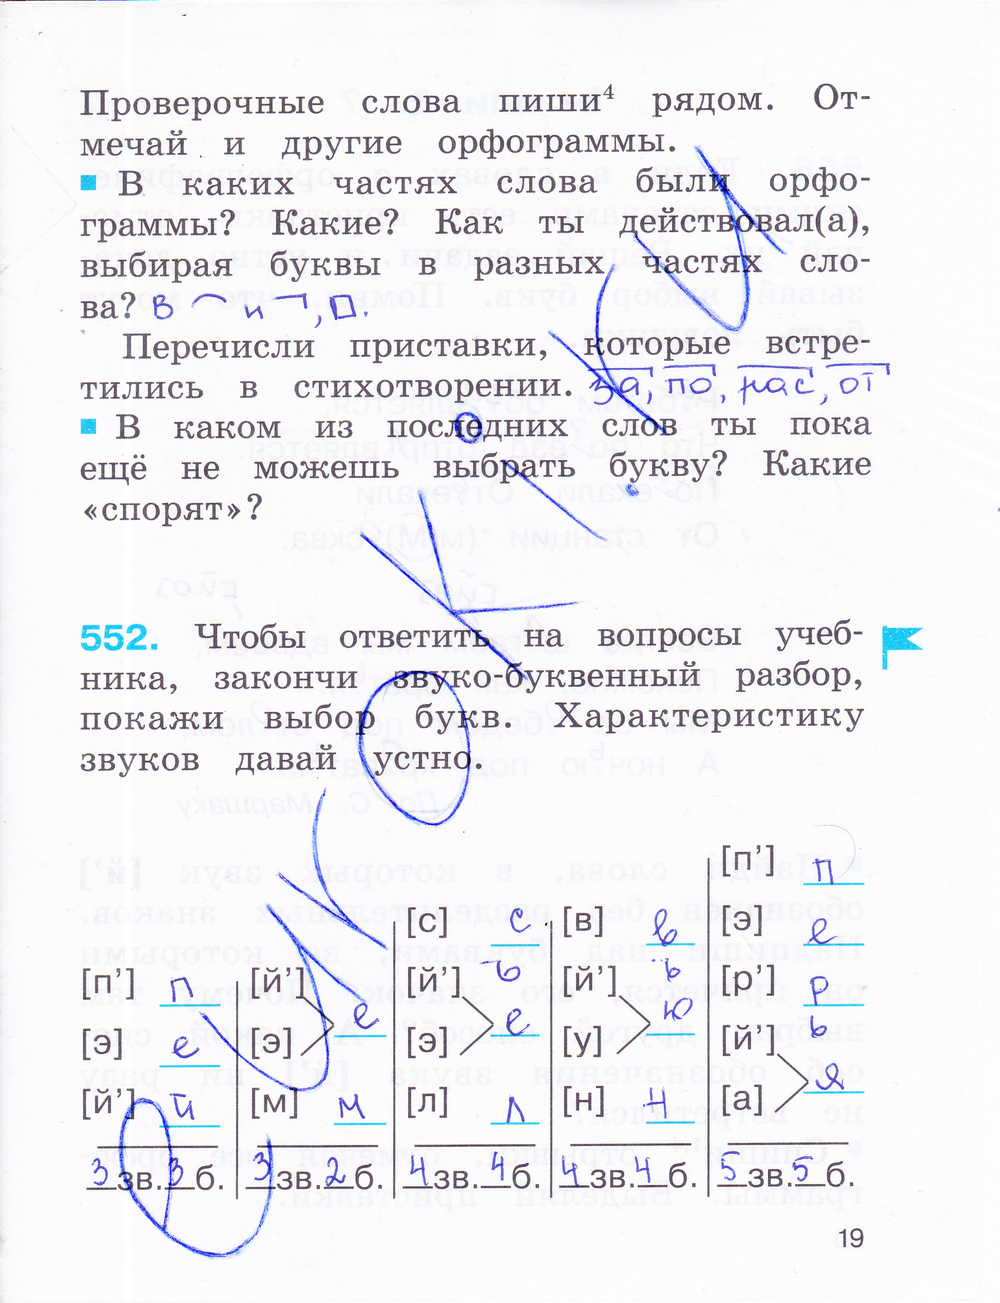 Гдз рабочая тетрадь русский язык 2 класс соловейчик кузьменко